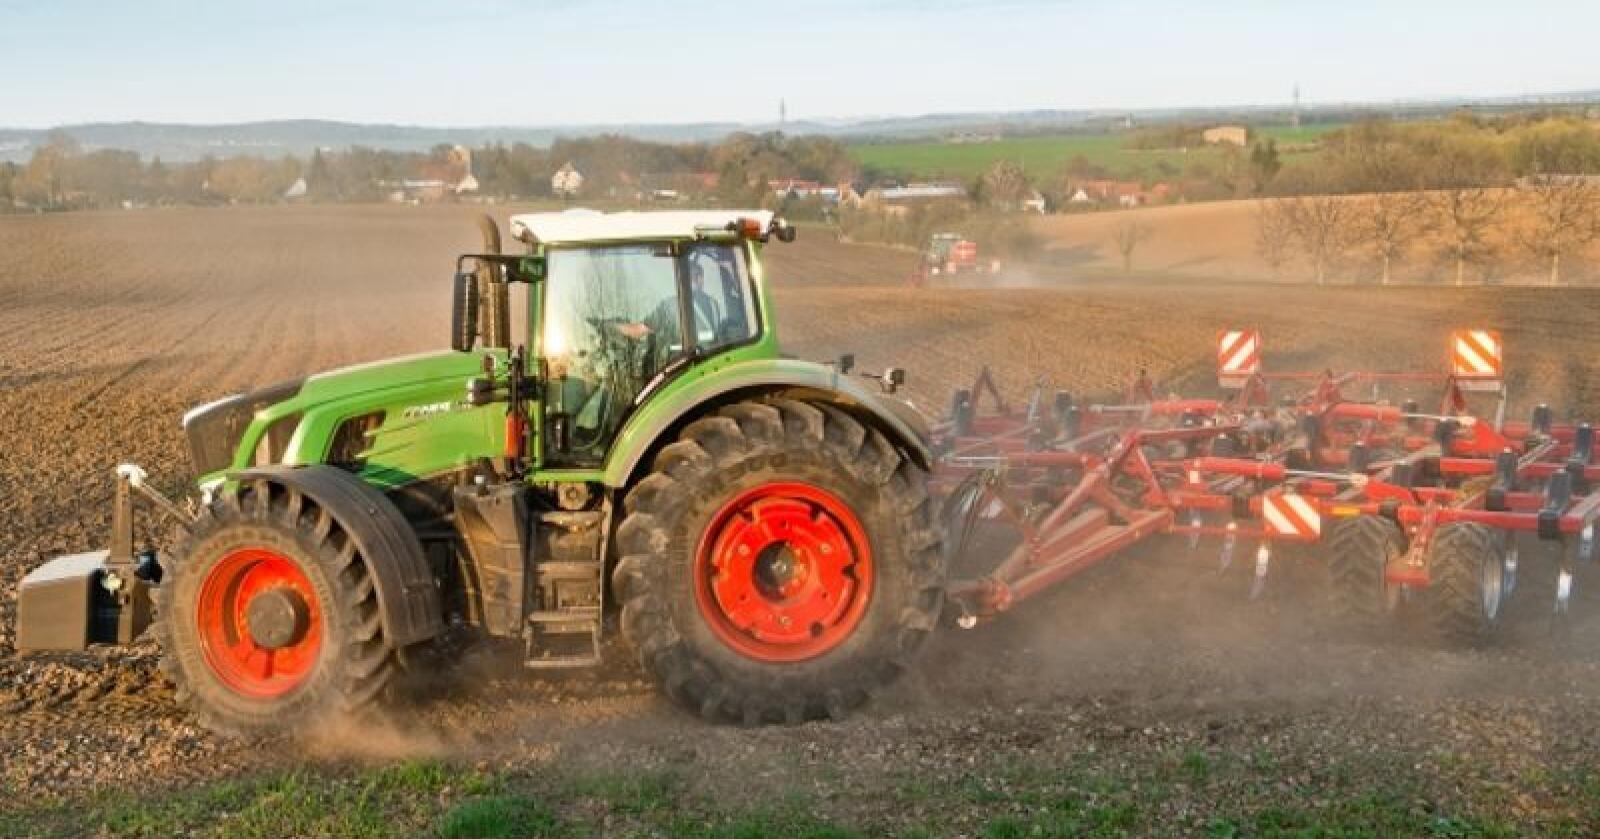 Både Fendt og John Deere vil presentere splitter nye traktormodeller for allmennheten under Agritechnica i november. (Foto: produsenten)